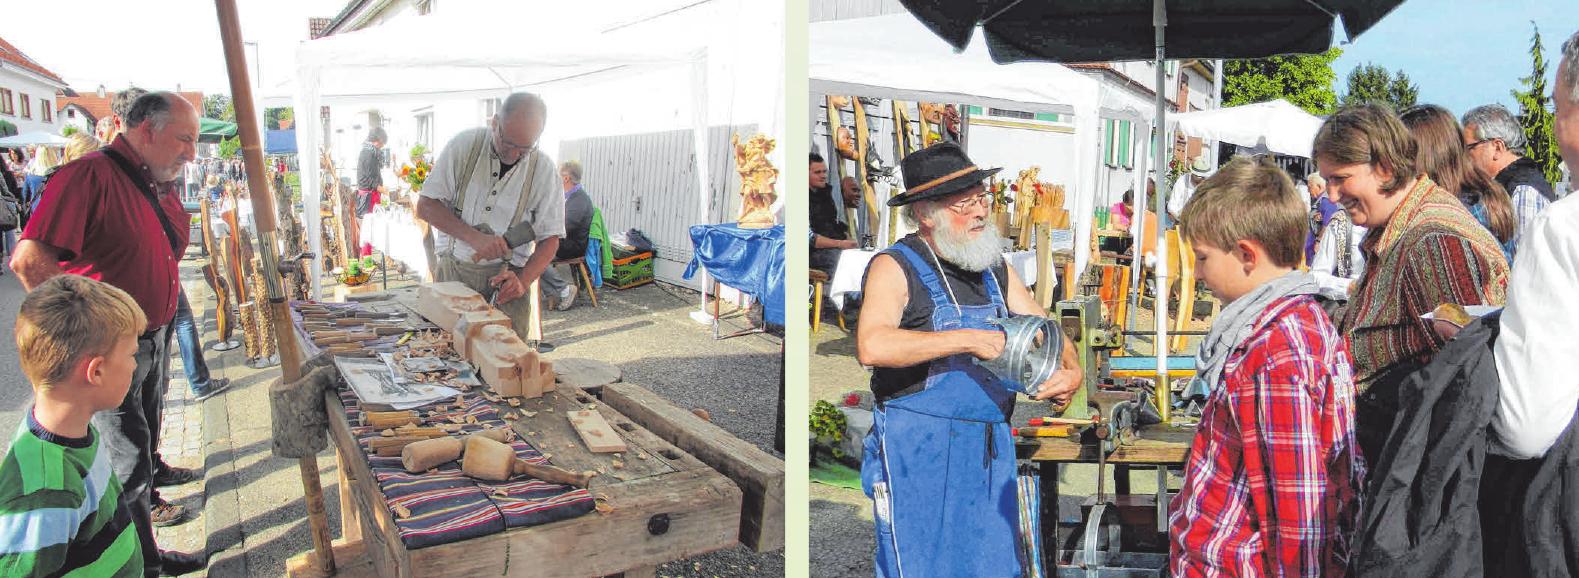 Beim Handwerkermarkt kann sich der Besucher informieren, über die Schulter schauen, aber auch einkaufen. FOTOS: PRIVAT